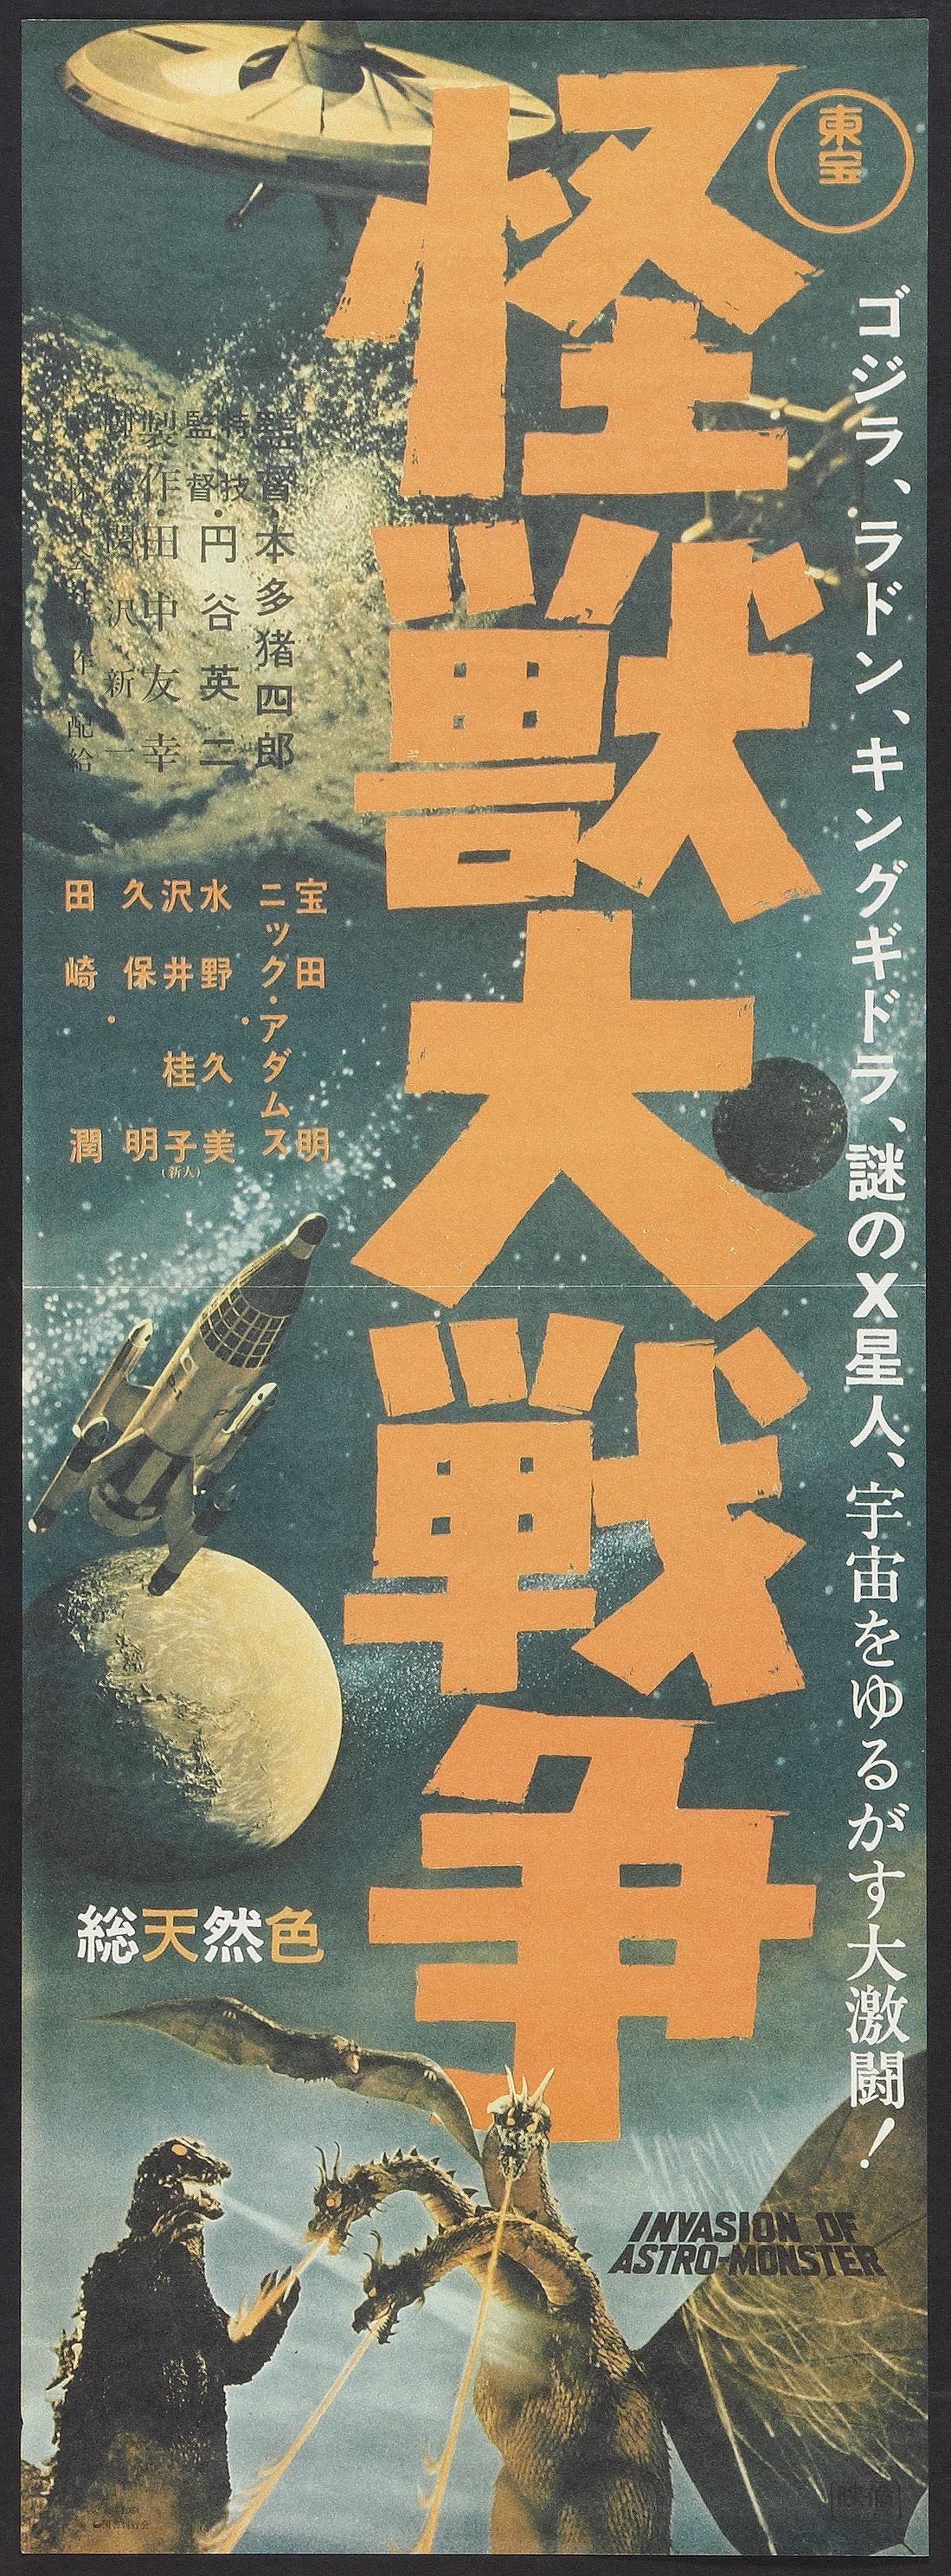 Monster Zero (Toho, 1965) 3.jpg